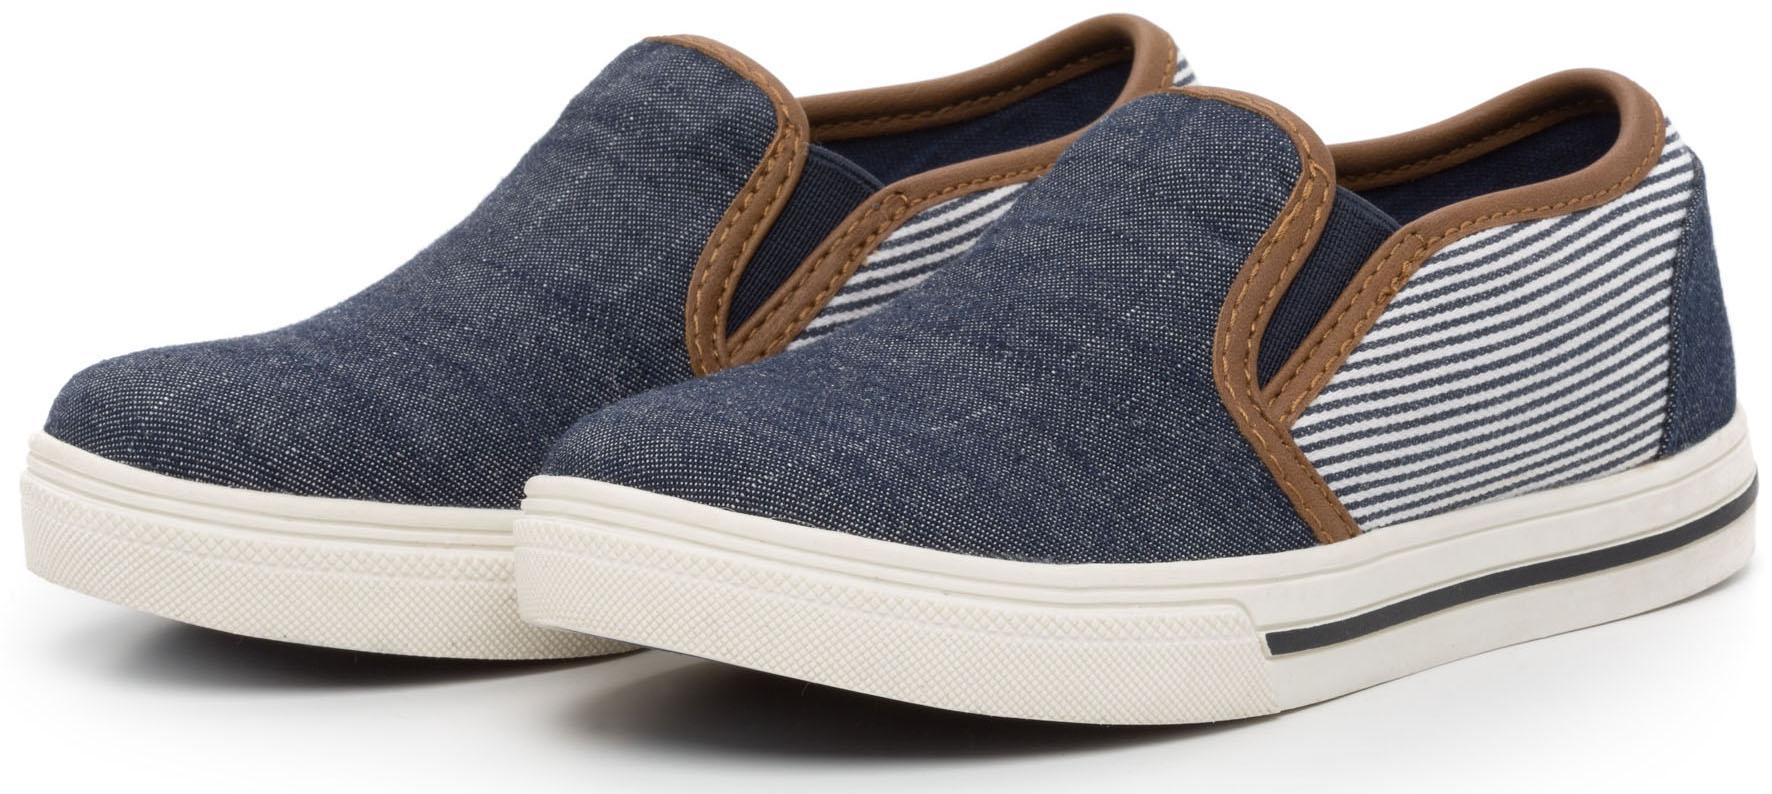 Кроссовки и кеды Barkito Полуботинки для мальчика Barkito, темно-синие converse синие текстильные кроссовки